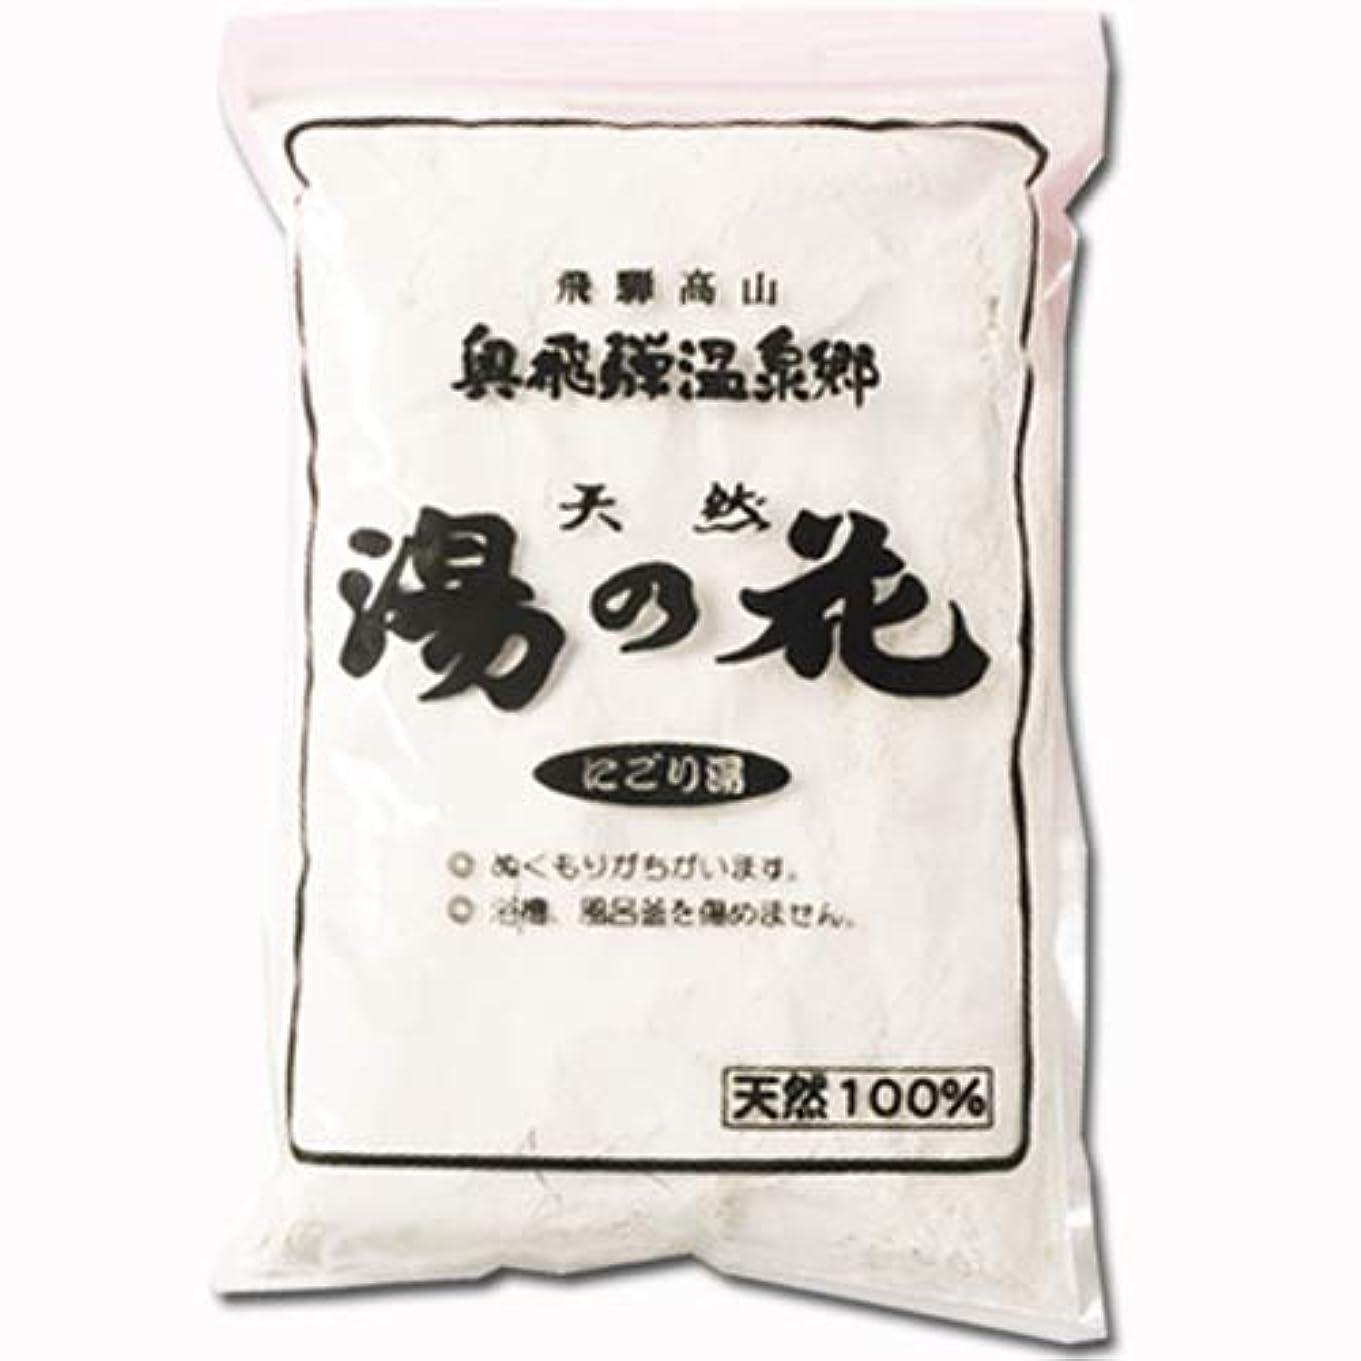 基本的な前述の才能のある天然湯の花 (業務用) 1kg (飛騨高山温泉郷 にごり湯)